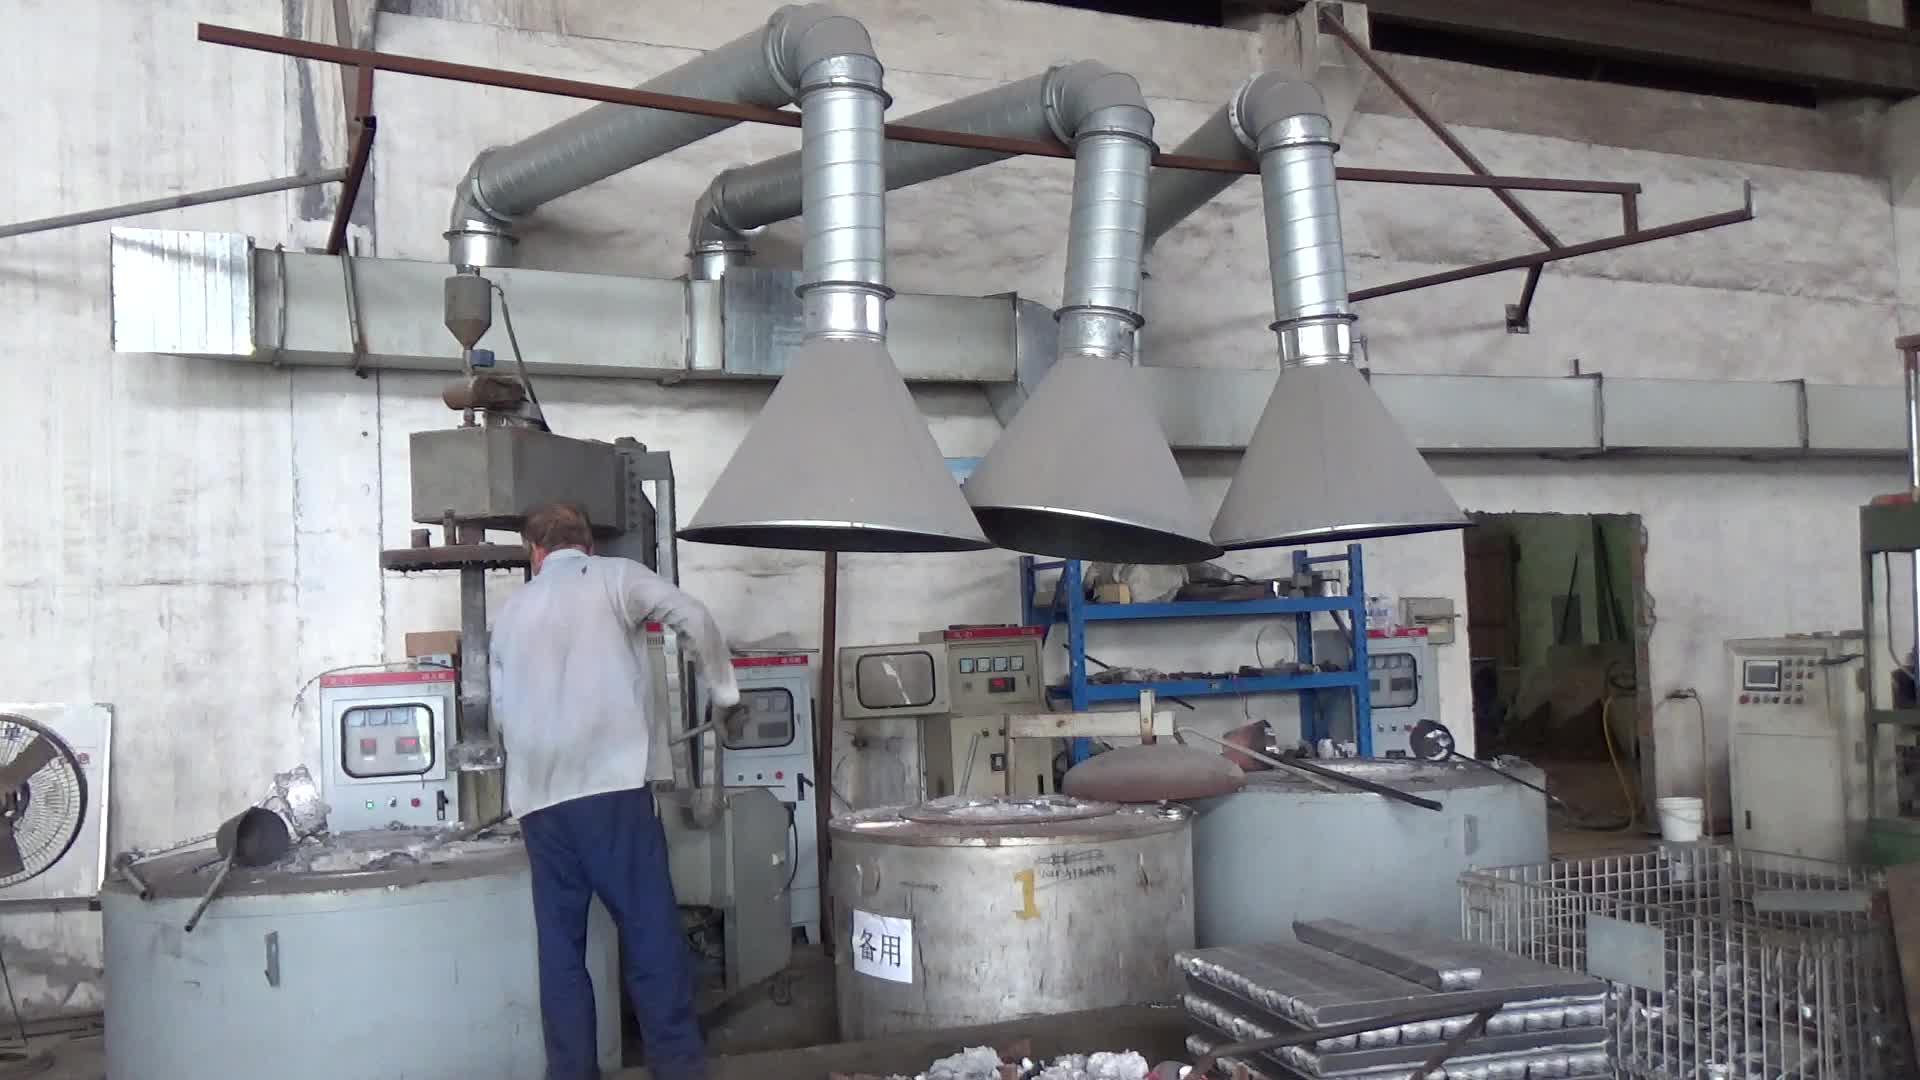 Precision Aluminum Gravity Castings A356 CNC Machining Parts aldc12 aluminum die casting